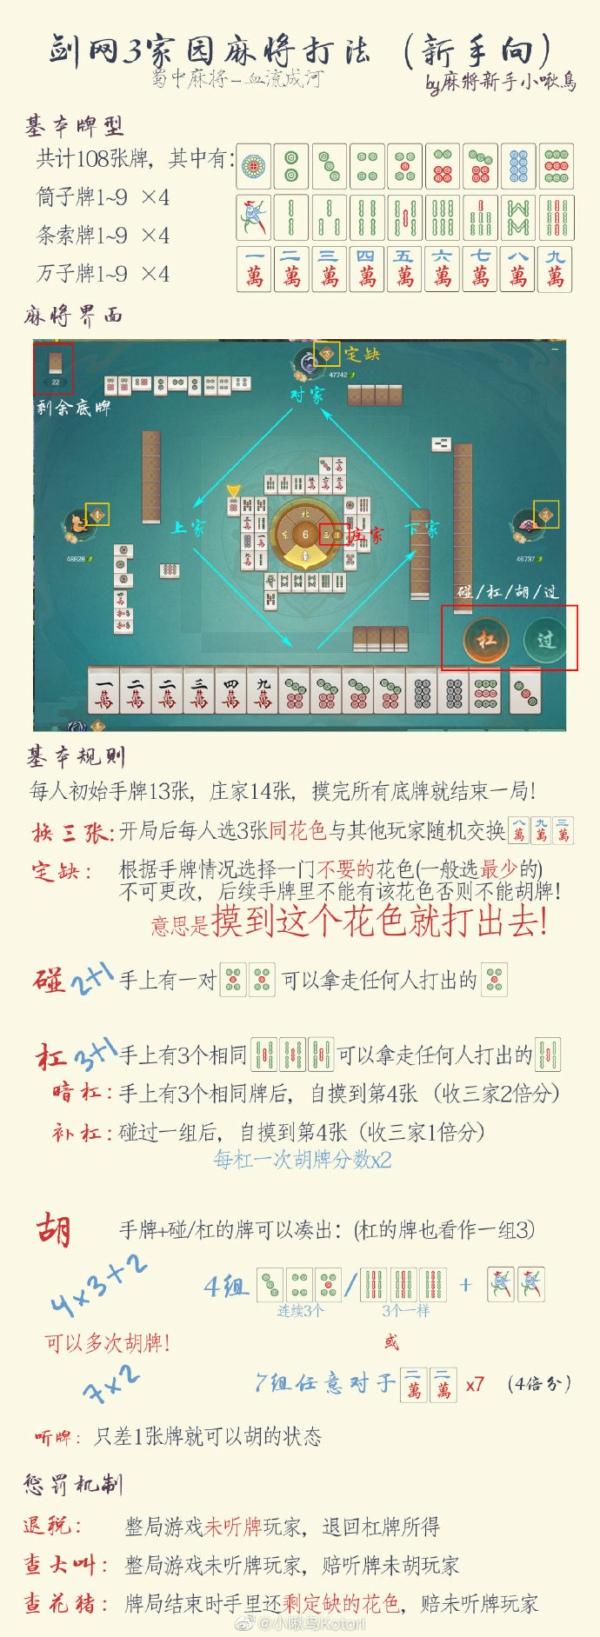 剑网3怎么打麻将 打麻将得雀神点数攻略